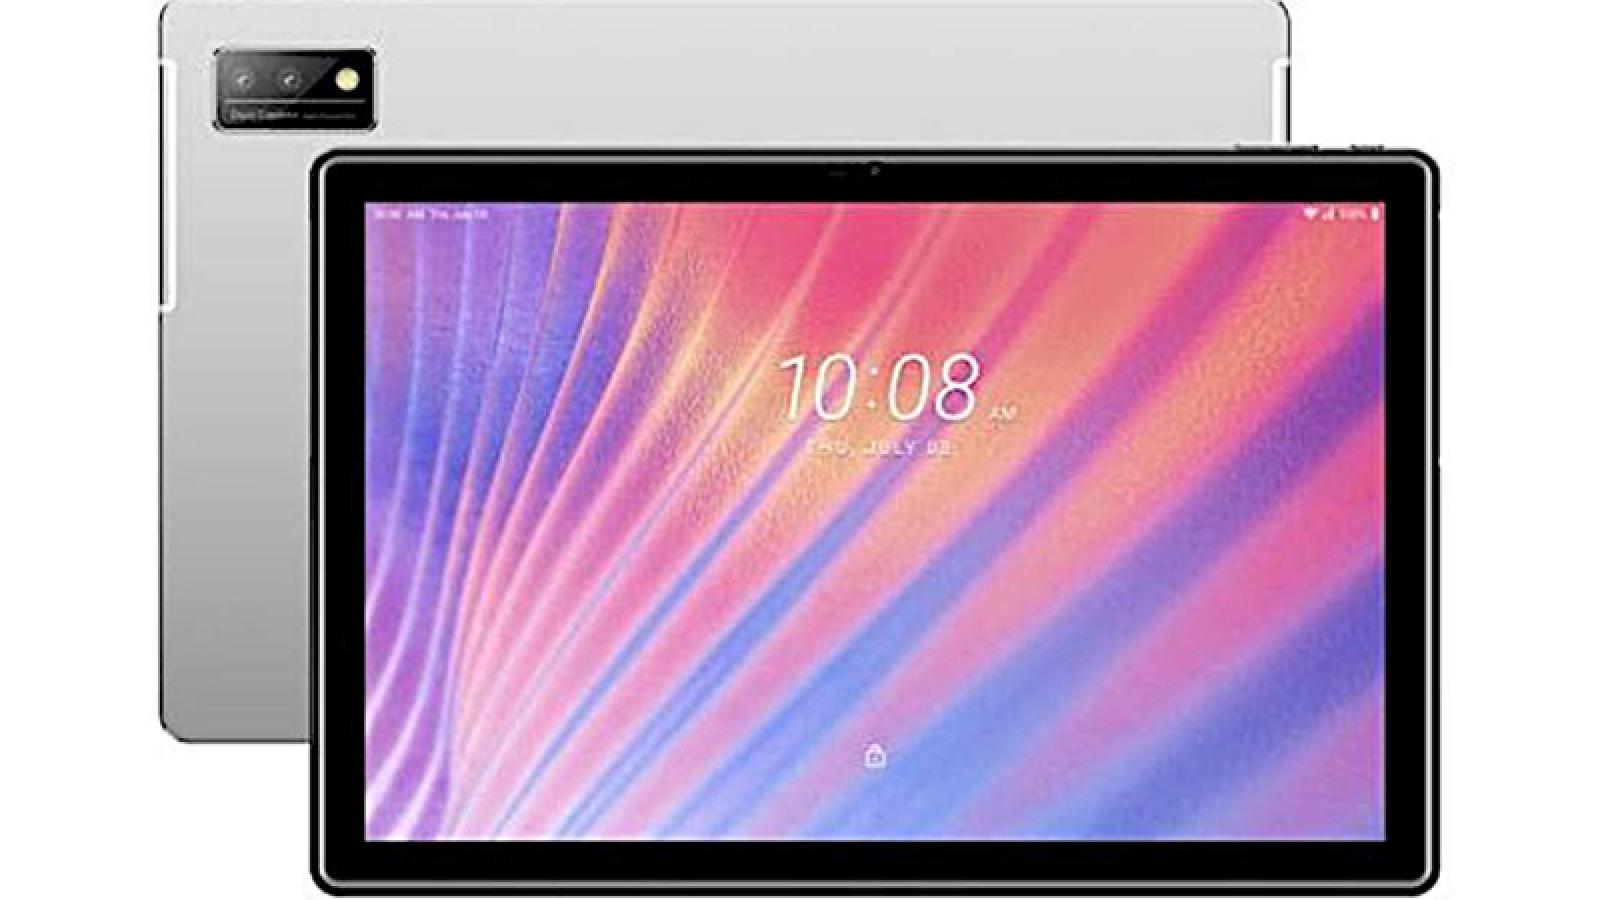 HTC chuẩn bị ra mắt máy tính bảng Android giá rẻ